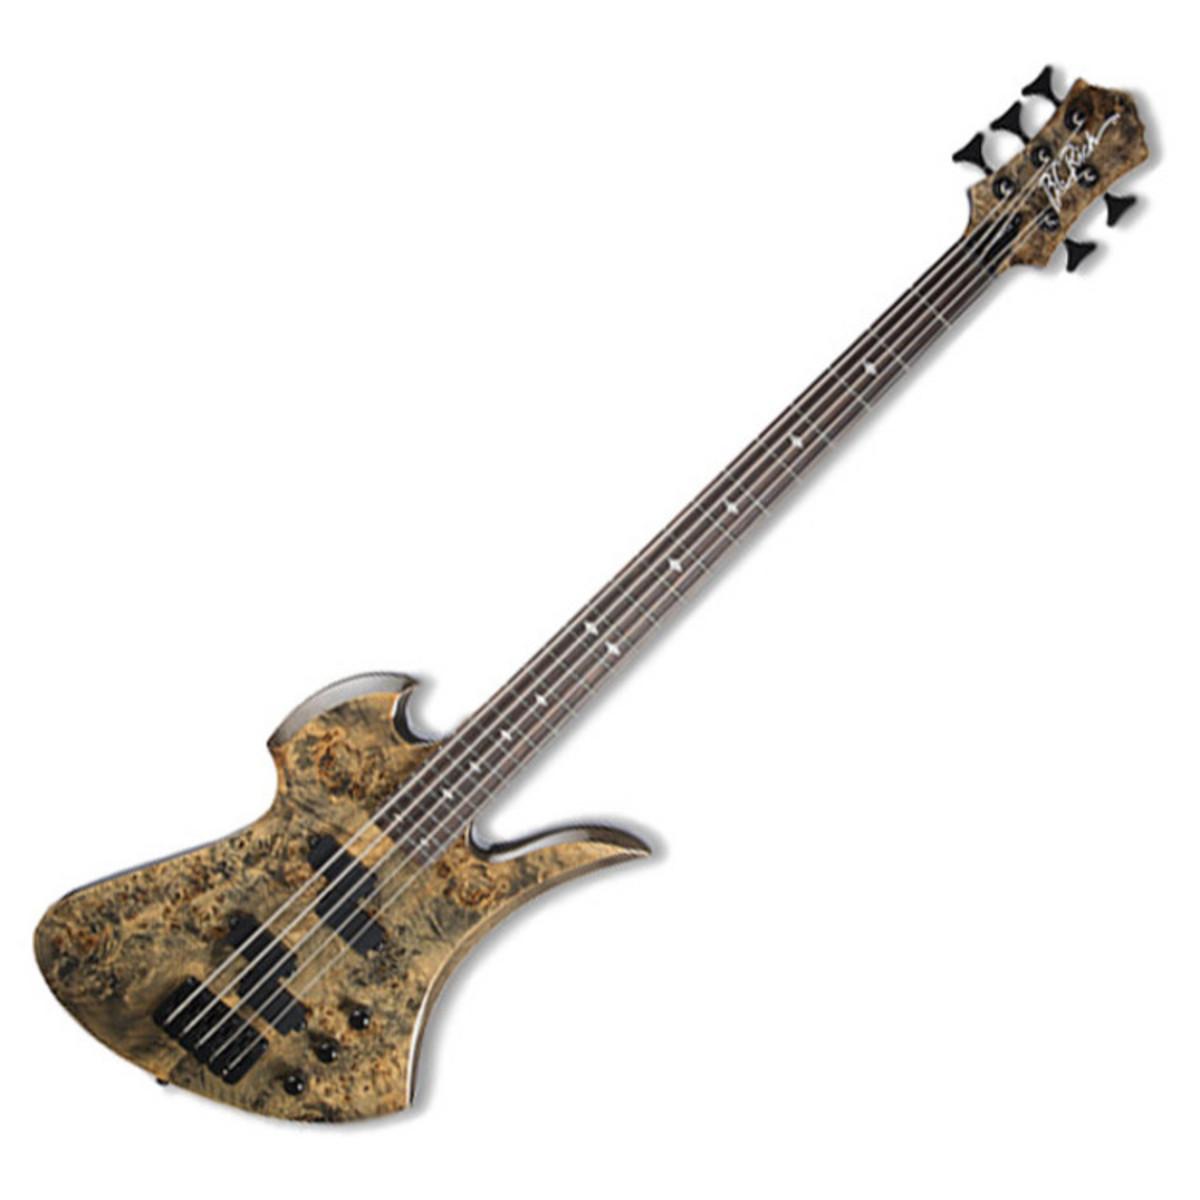 DISC BC Rich Mockingbird Plus 5-String Bass Guitar, Ghost